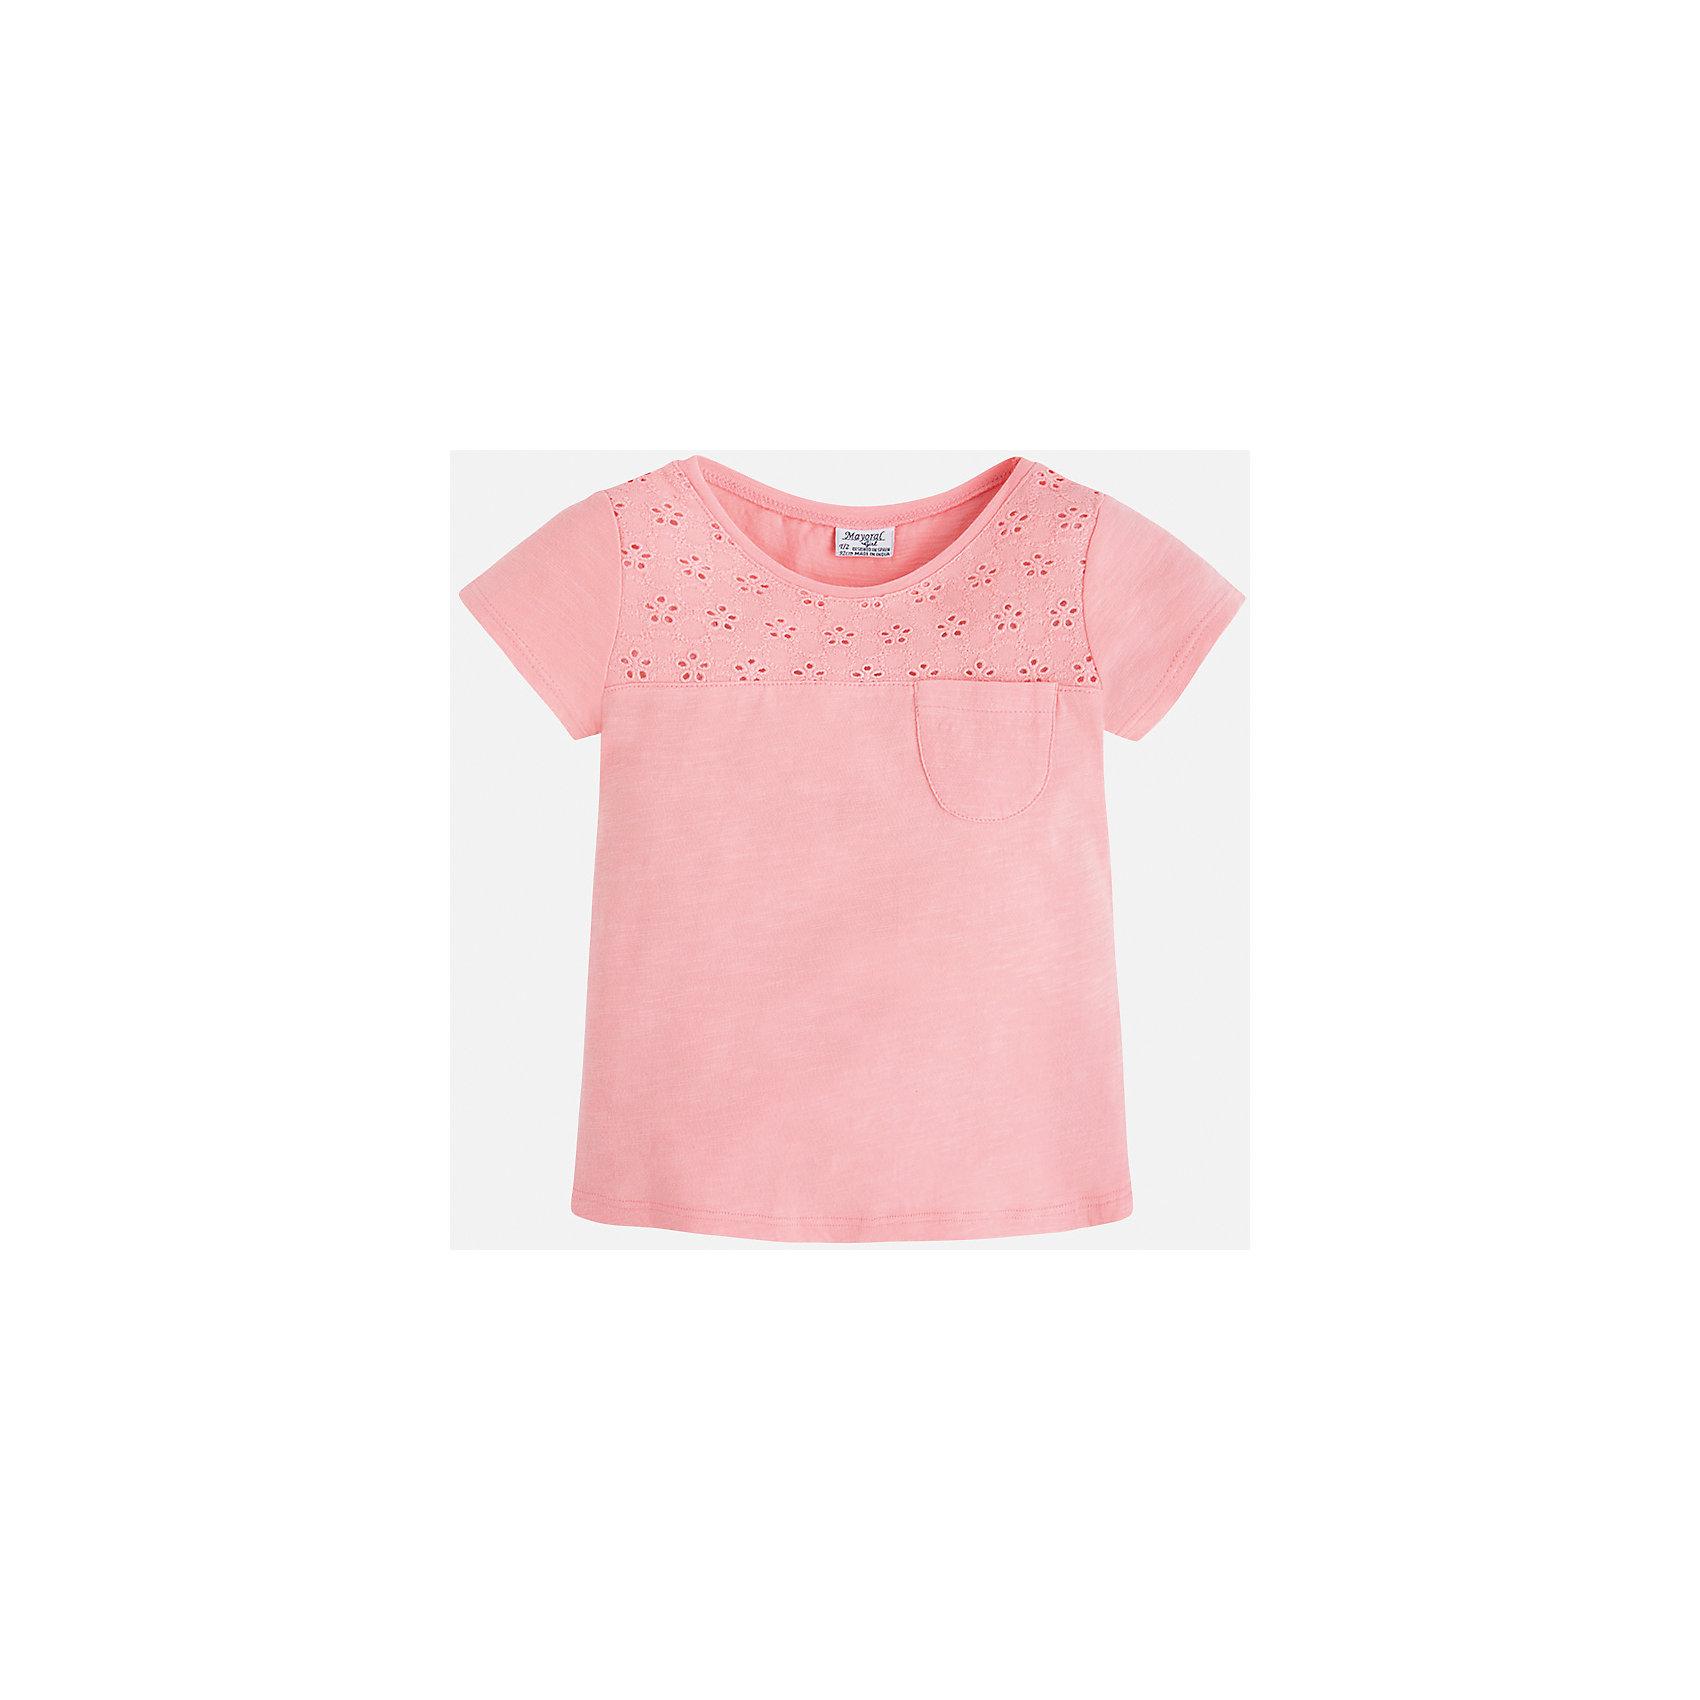 Футболка для девочки MayoralФутболки, поло и топы<br>Характеристики товара:<br><br>• цвет: розовый<br>• состав: 100% хлопок<br>• ажурный верх<br>• карман на груди<br>• короткие рукава<br>• округлый горловой вырез<br>• страна бренда: Испания<br><br>Стильная качественная футболка для девочки поможет разнообразить гардероб ребенка и украсить наряд. Она отлично сочетается и с юбками, и с шортами, и с брюками. Универсальный цвет позволяет подобрать к вещи низ практически любой расцветки. Интересная отделка модели делает её нарядной и оригинальной. В составе ткани преобладает натуральный хлопок, гипоаллергенный, приятный на ощупь, дышащий.<br><br>Одежда, обувь и аксессуары от испанского бренда Mayoral полюбились детям и взрослым по всему миру. Модели этой марки - стильные и удобные. Для их производства используются только безопасные, качественные материалы и фурнитура. Порадуйте ребенка модными и красивыми вещами от Mayoral! <br><br>Футболку для девочки от испанского бренда Mayoral (Майорал) можно купить в нашем интернет-магазине.<br><br>Ширина мм: 199<br>Глубина мм: 10<br>Высота мм: 161<br>Вес г: 151<br>Цвет: розовый<br>Возраст от месяцев: 72<br>Возраст до месяцев: 84<br>Пол: Женский<br>Возраст: Детский<br>Размер: 122,134,98,128,92,104,110,116<br>SKU: 5288520